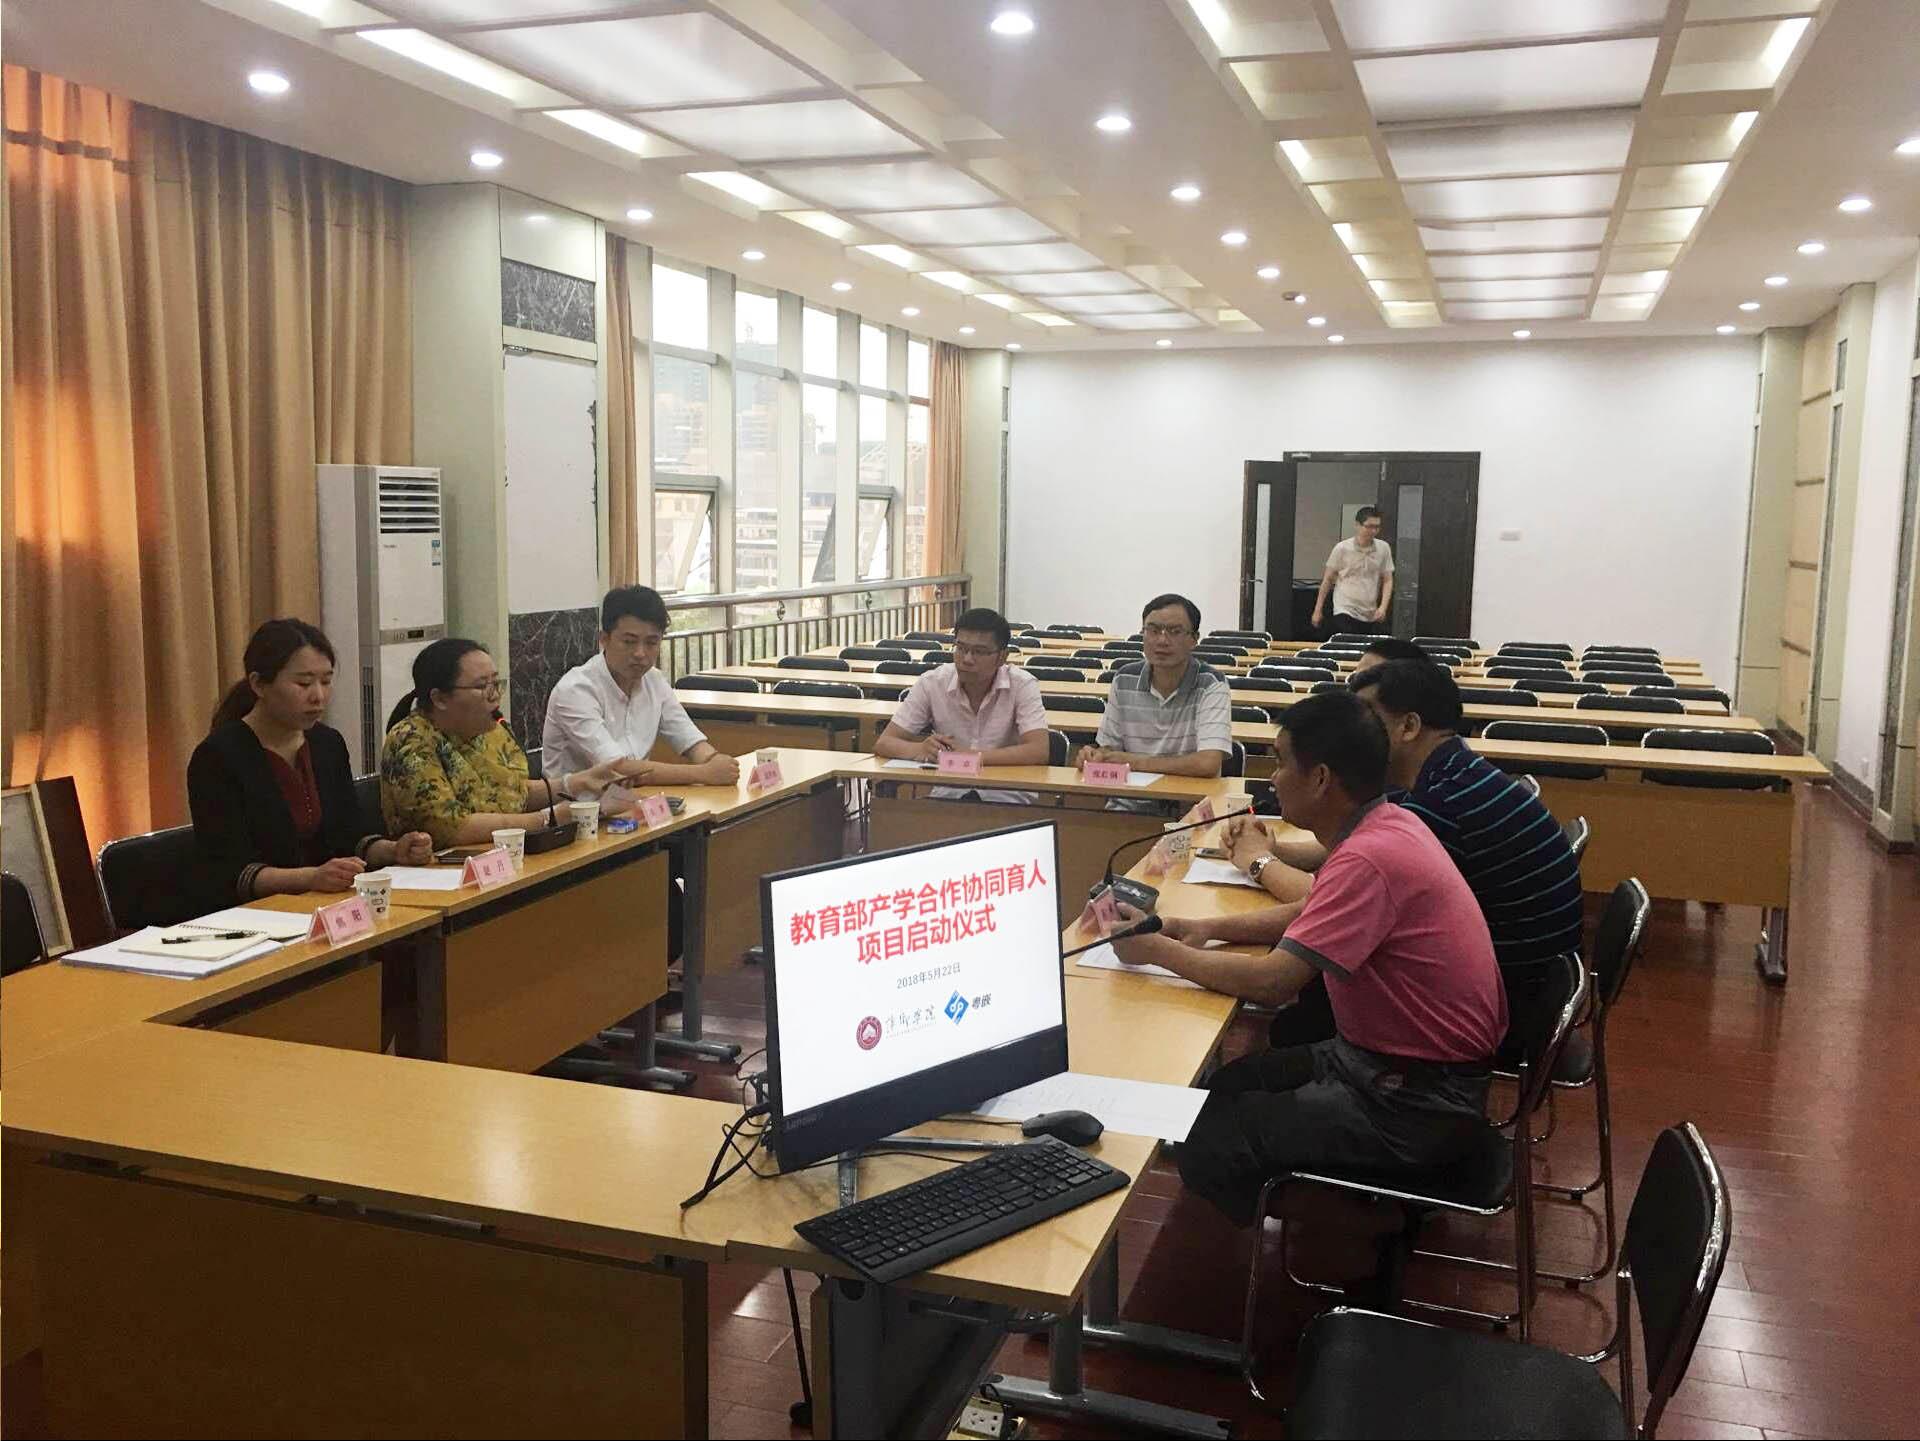 粤嵌科技-萍乡学院校企协同育人项目揭牌仪式圆满举行